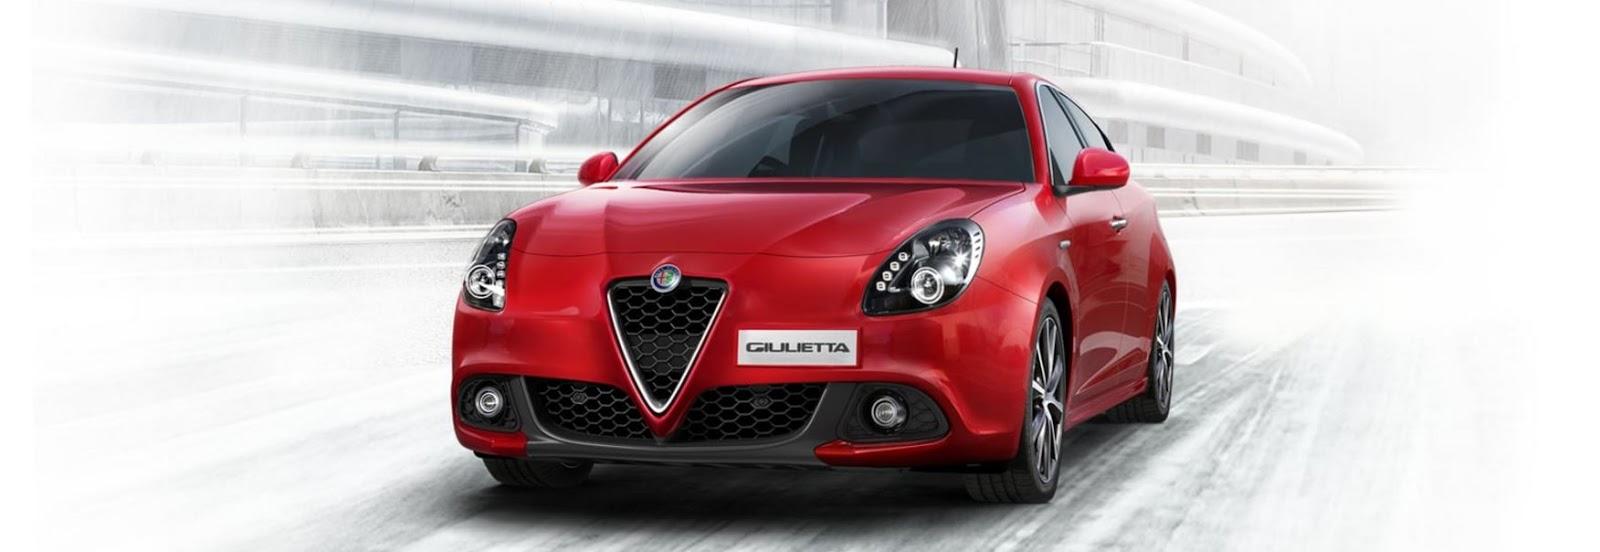 Offerte Alfa Romeo promozione Giulietta - Marzo 2017